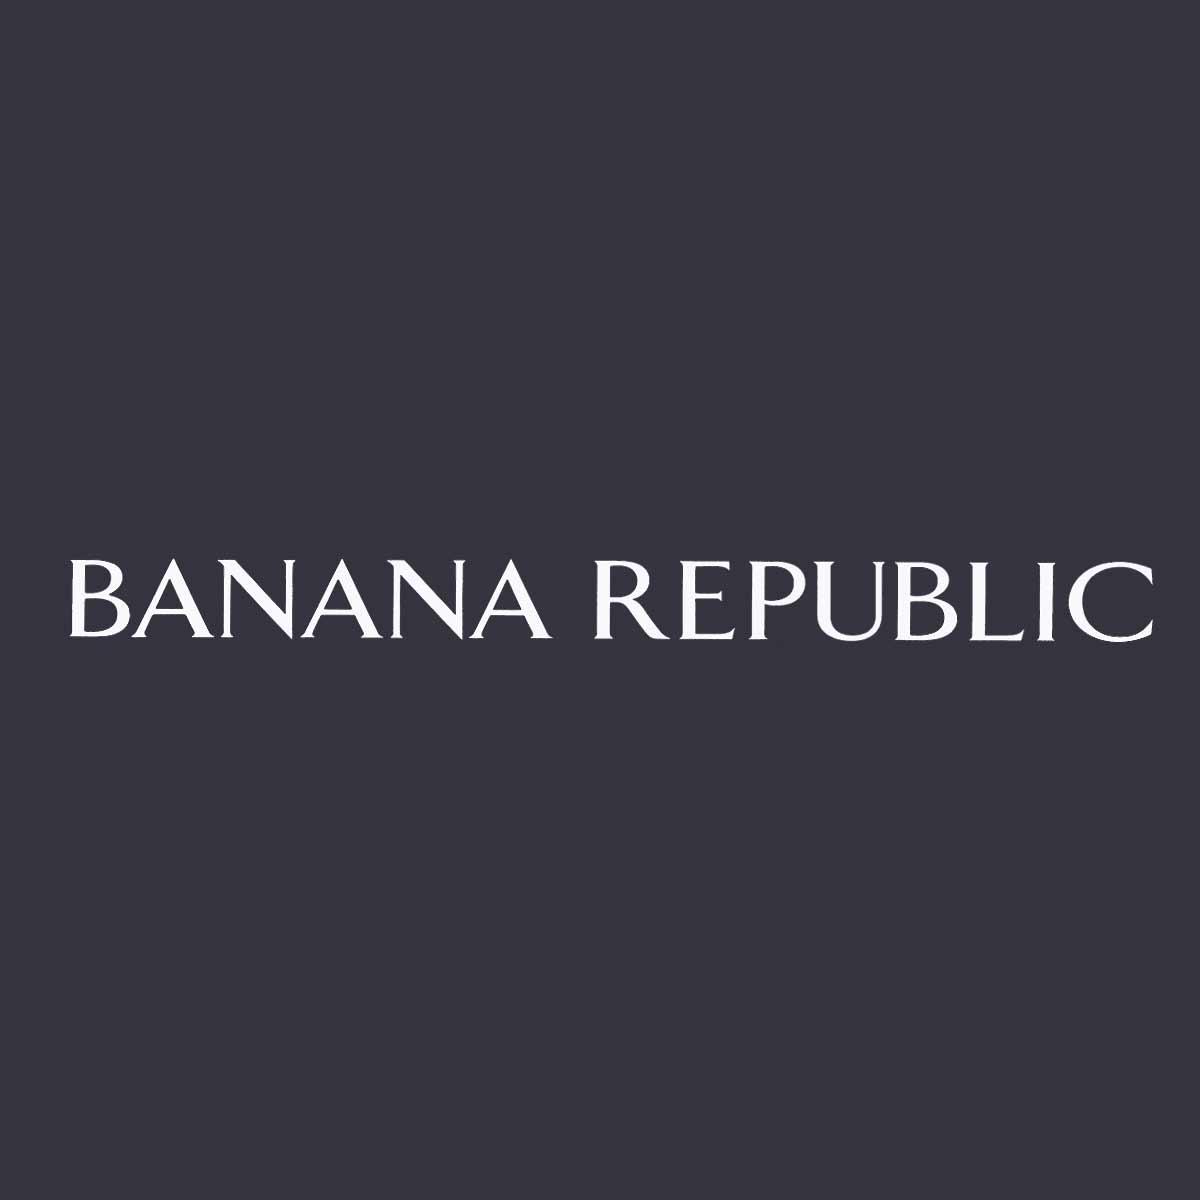 vaswani_banana_republic.jpg